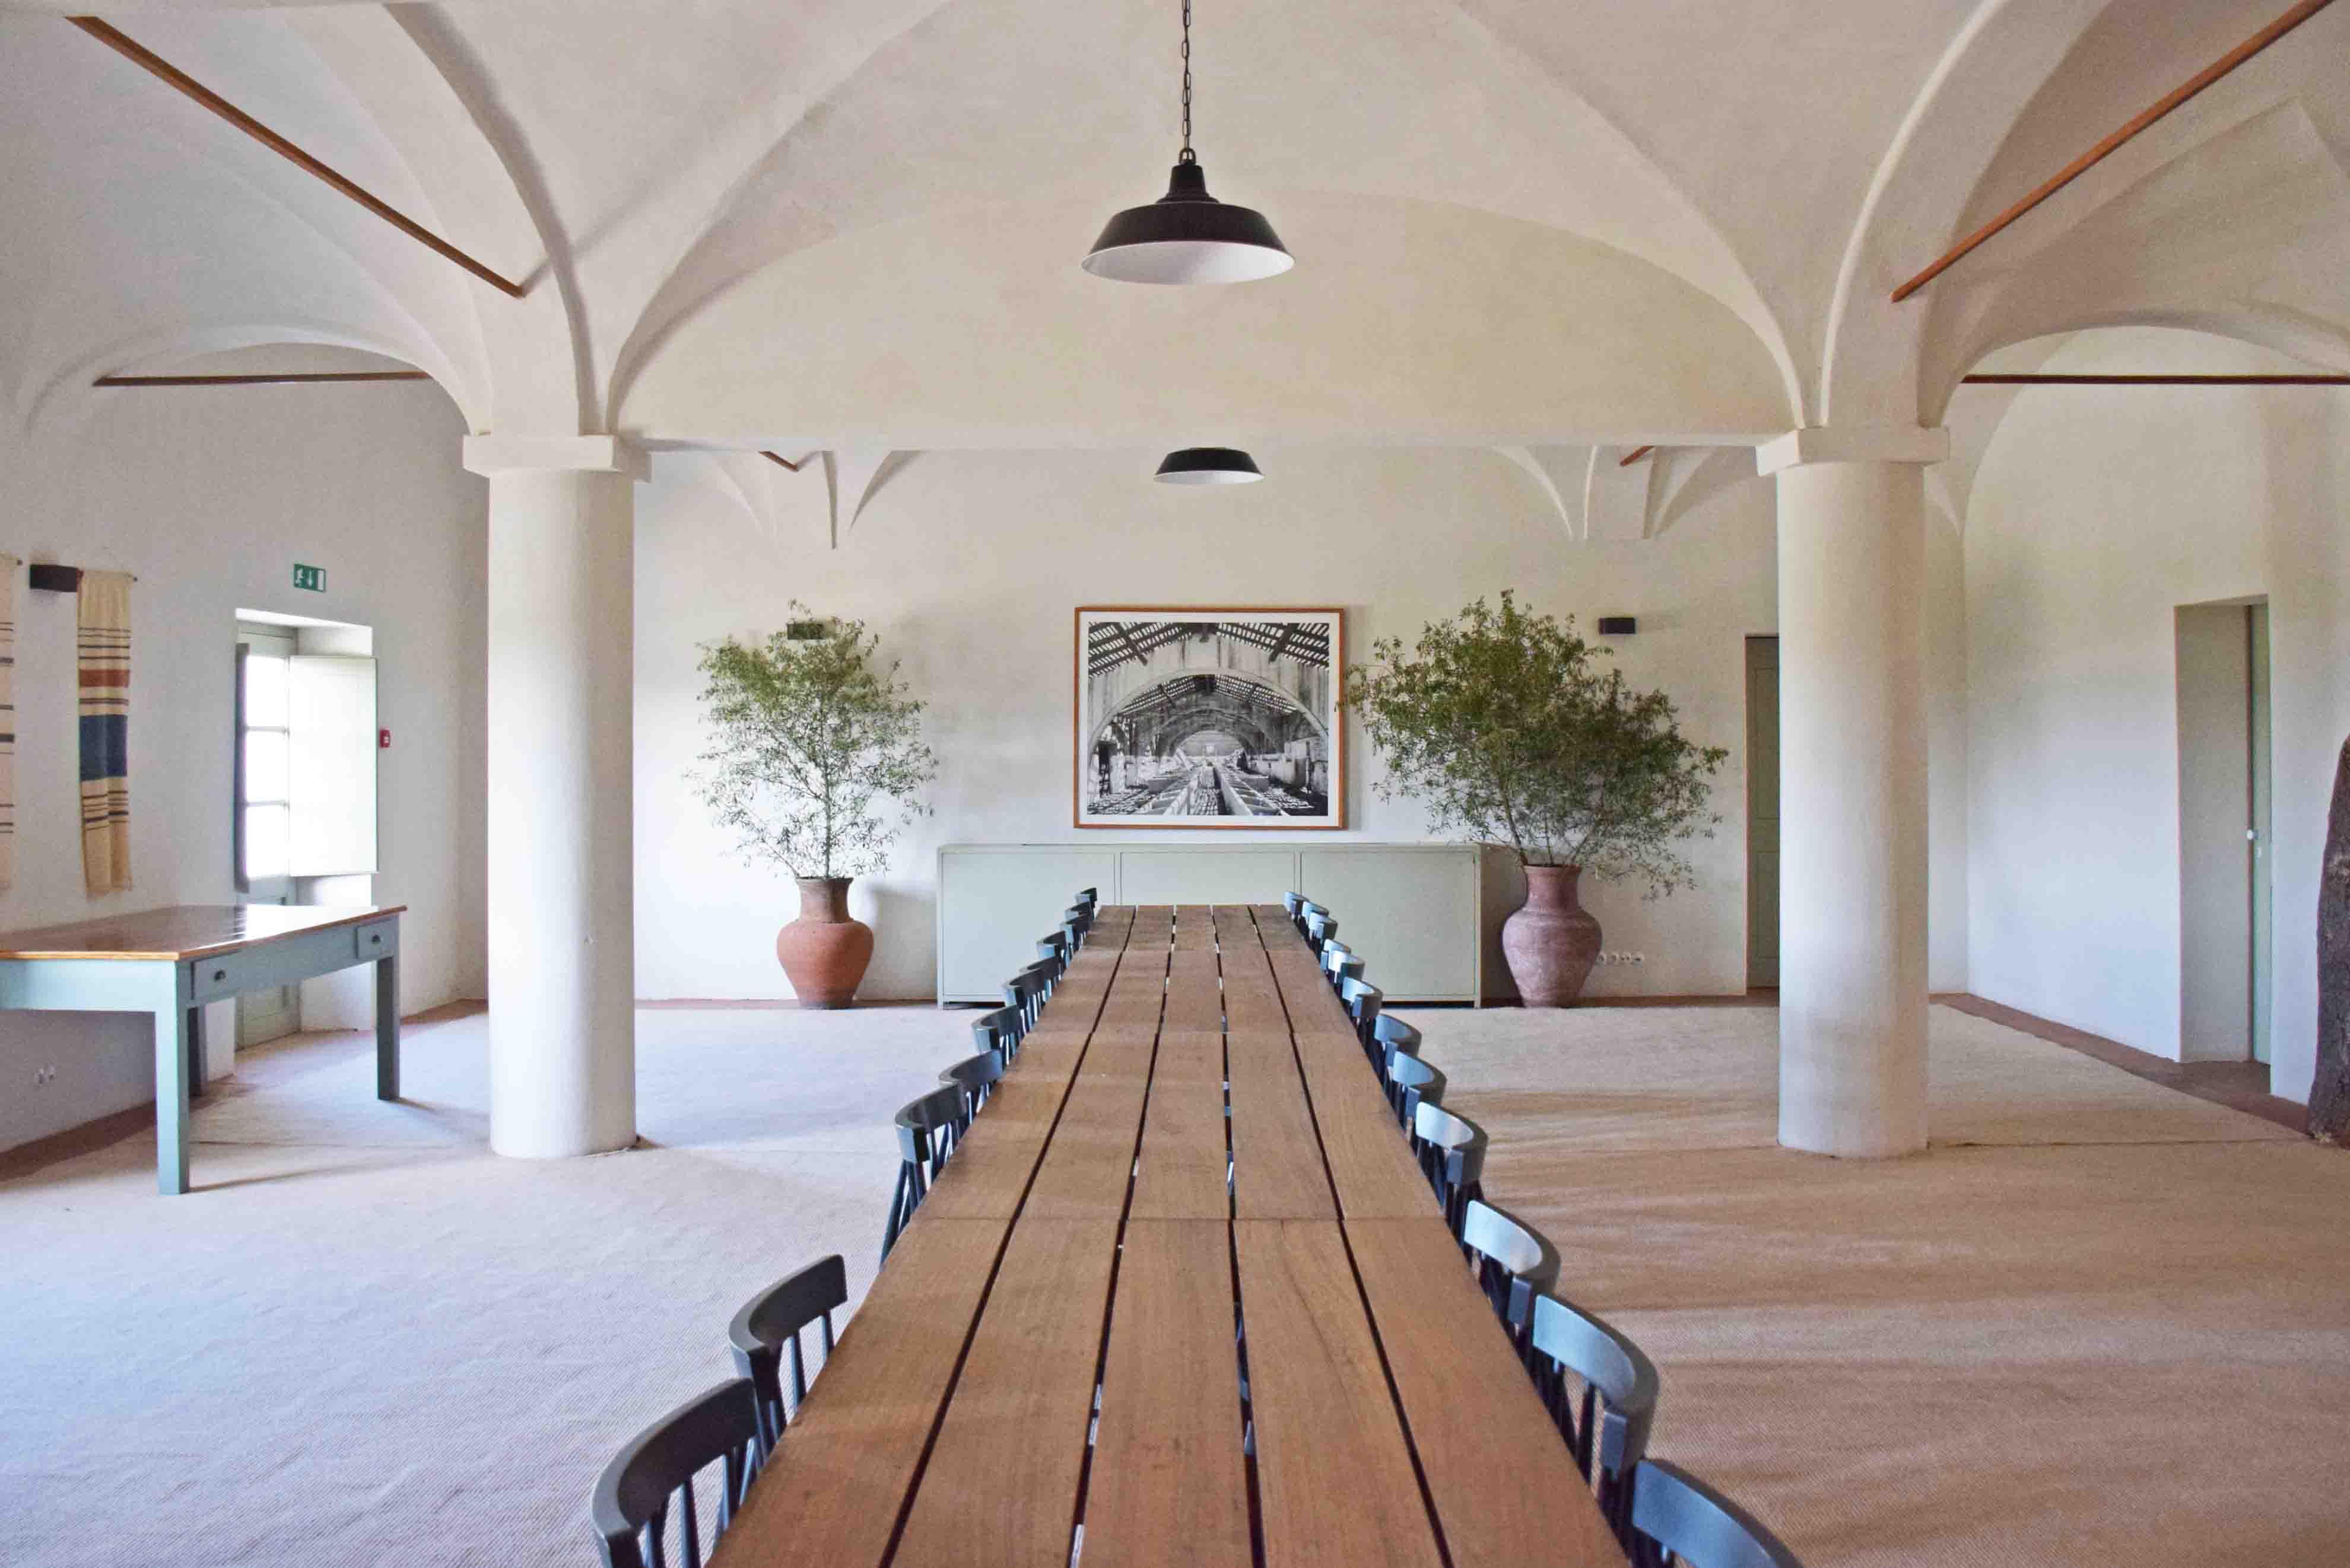 São Lourenço do Barrocal - Alentejo - Portugal - Salão de Eventos - Casamentos